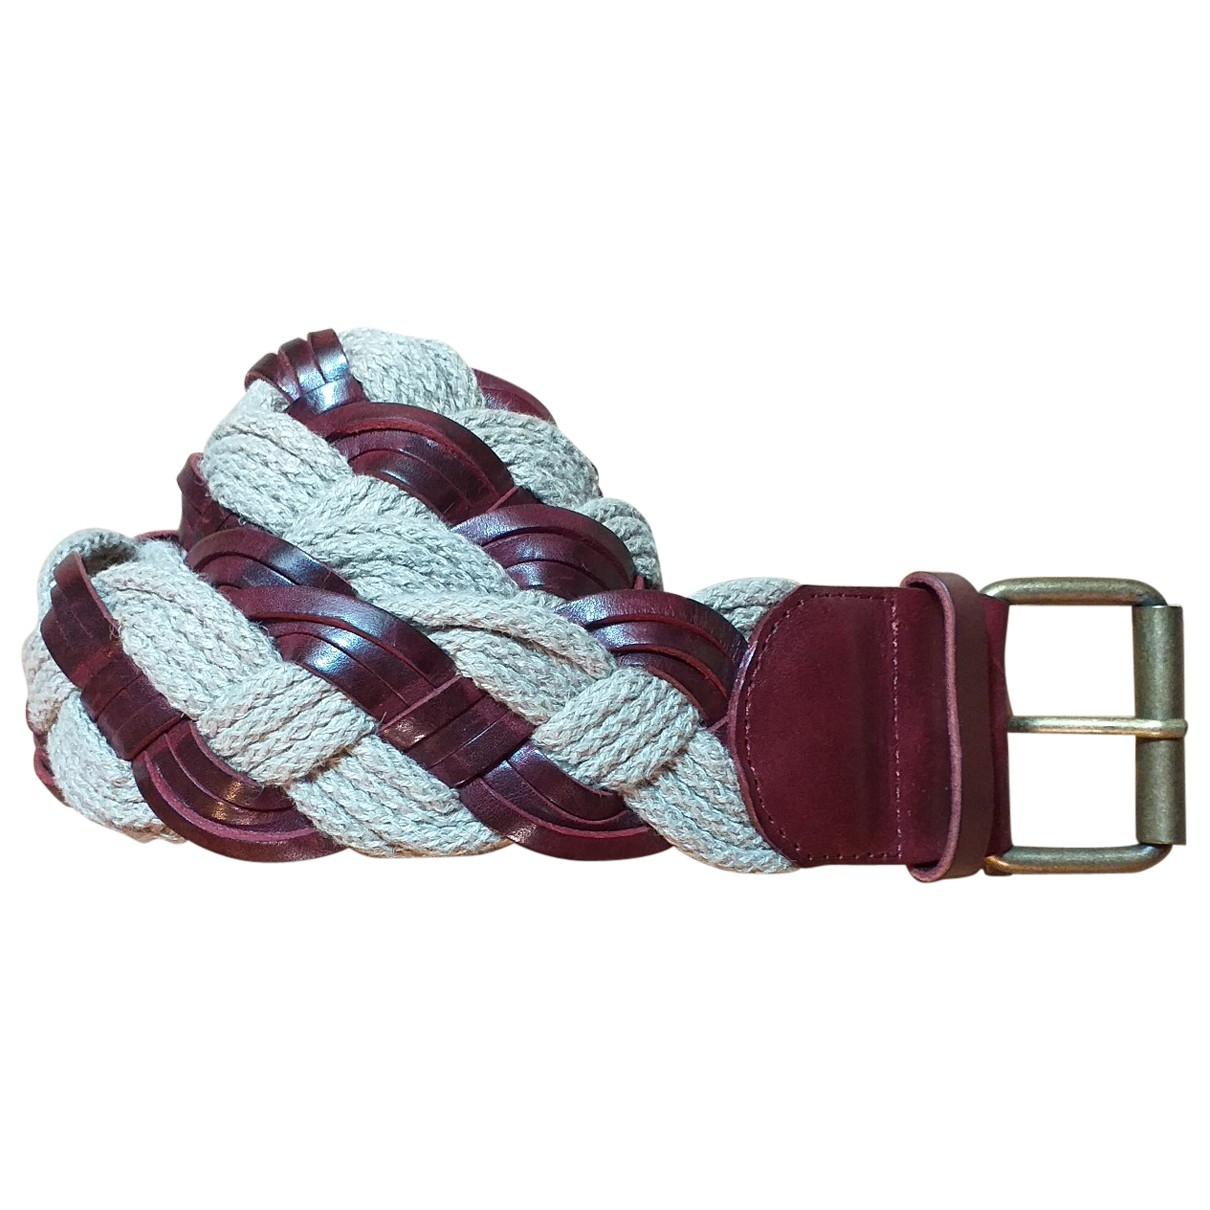 Cinturon de Cuero Ailanto